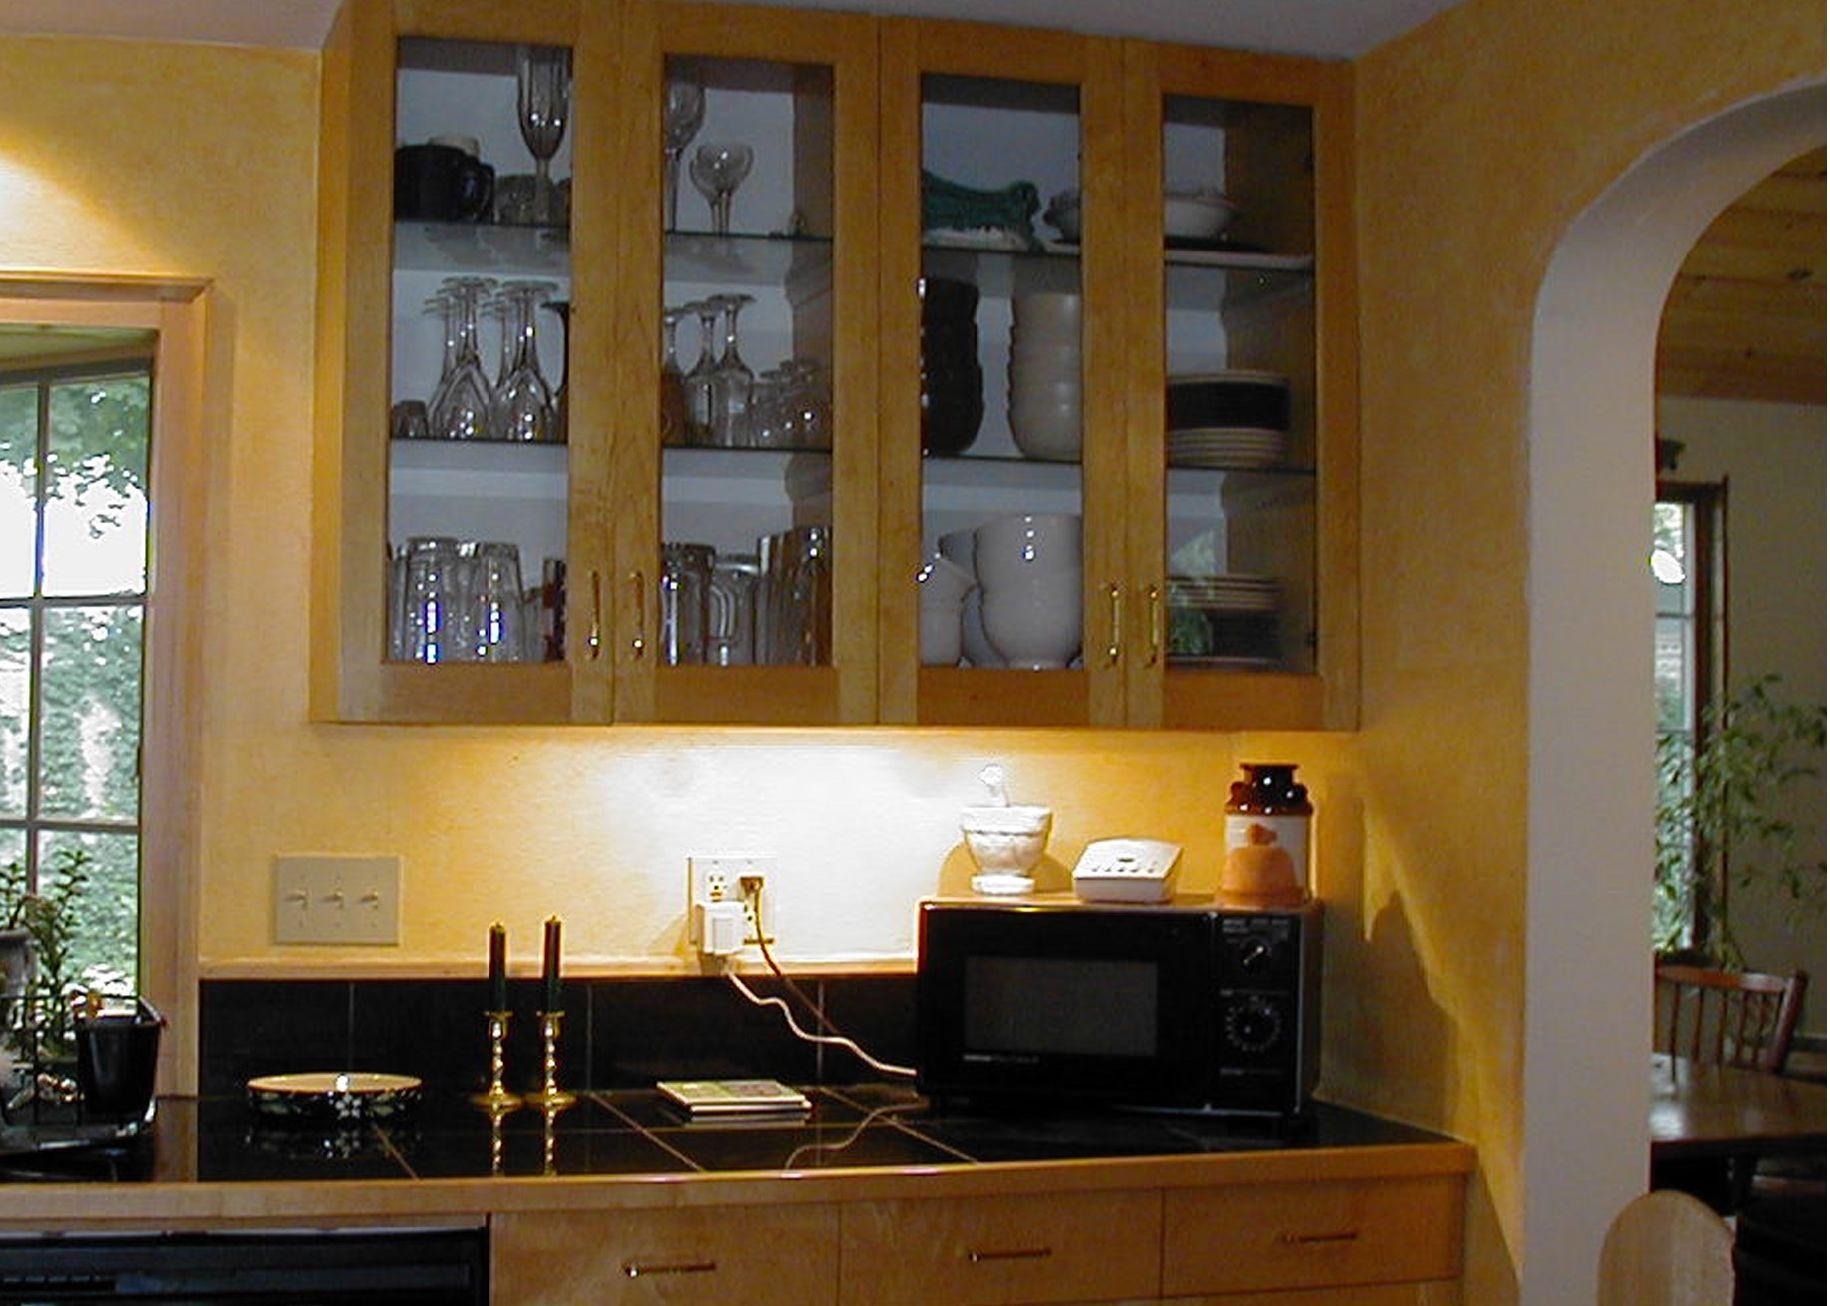 storage easy kitchen inserts l wine insert upgrades cabinet rack ikea